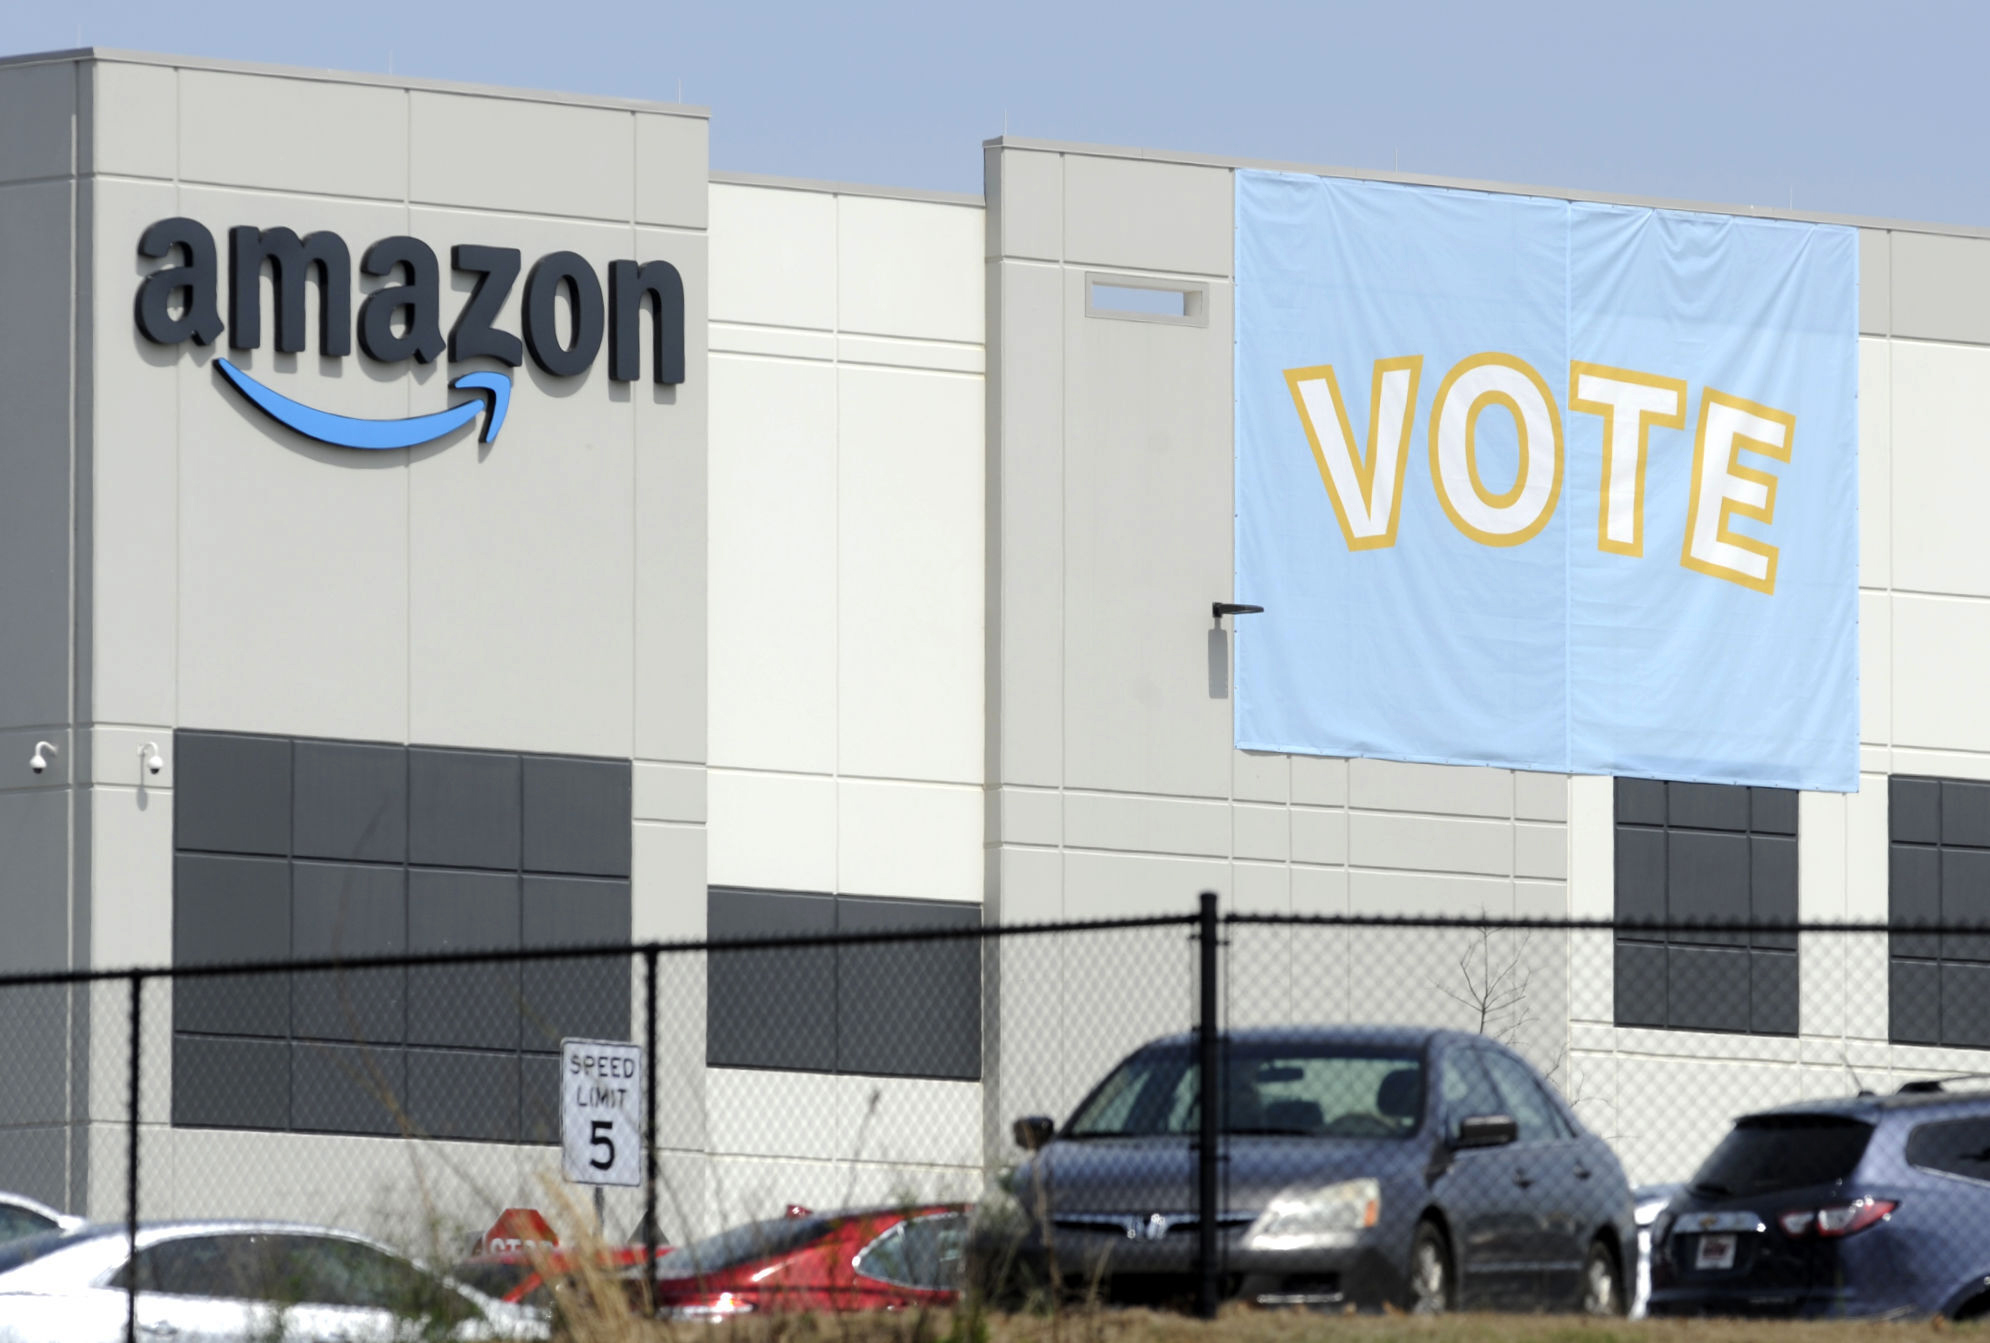 ディープフェイクの 偽「アマゾン社員」登場、 労組結成投票に混乱